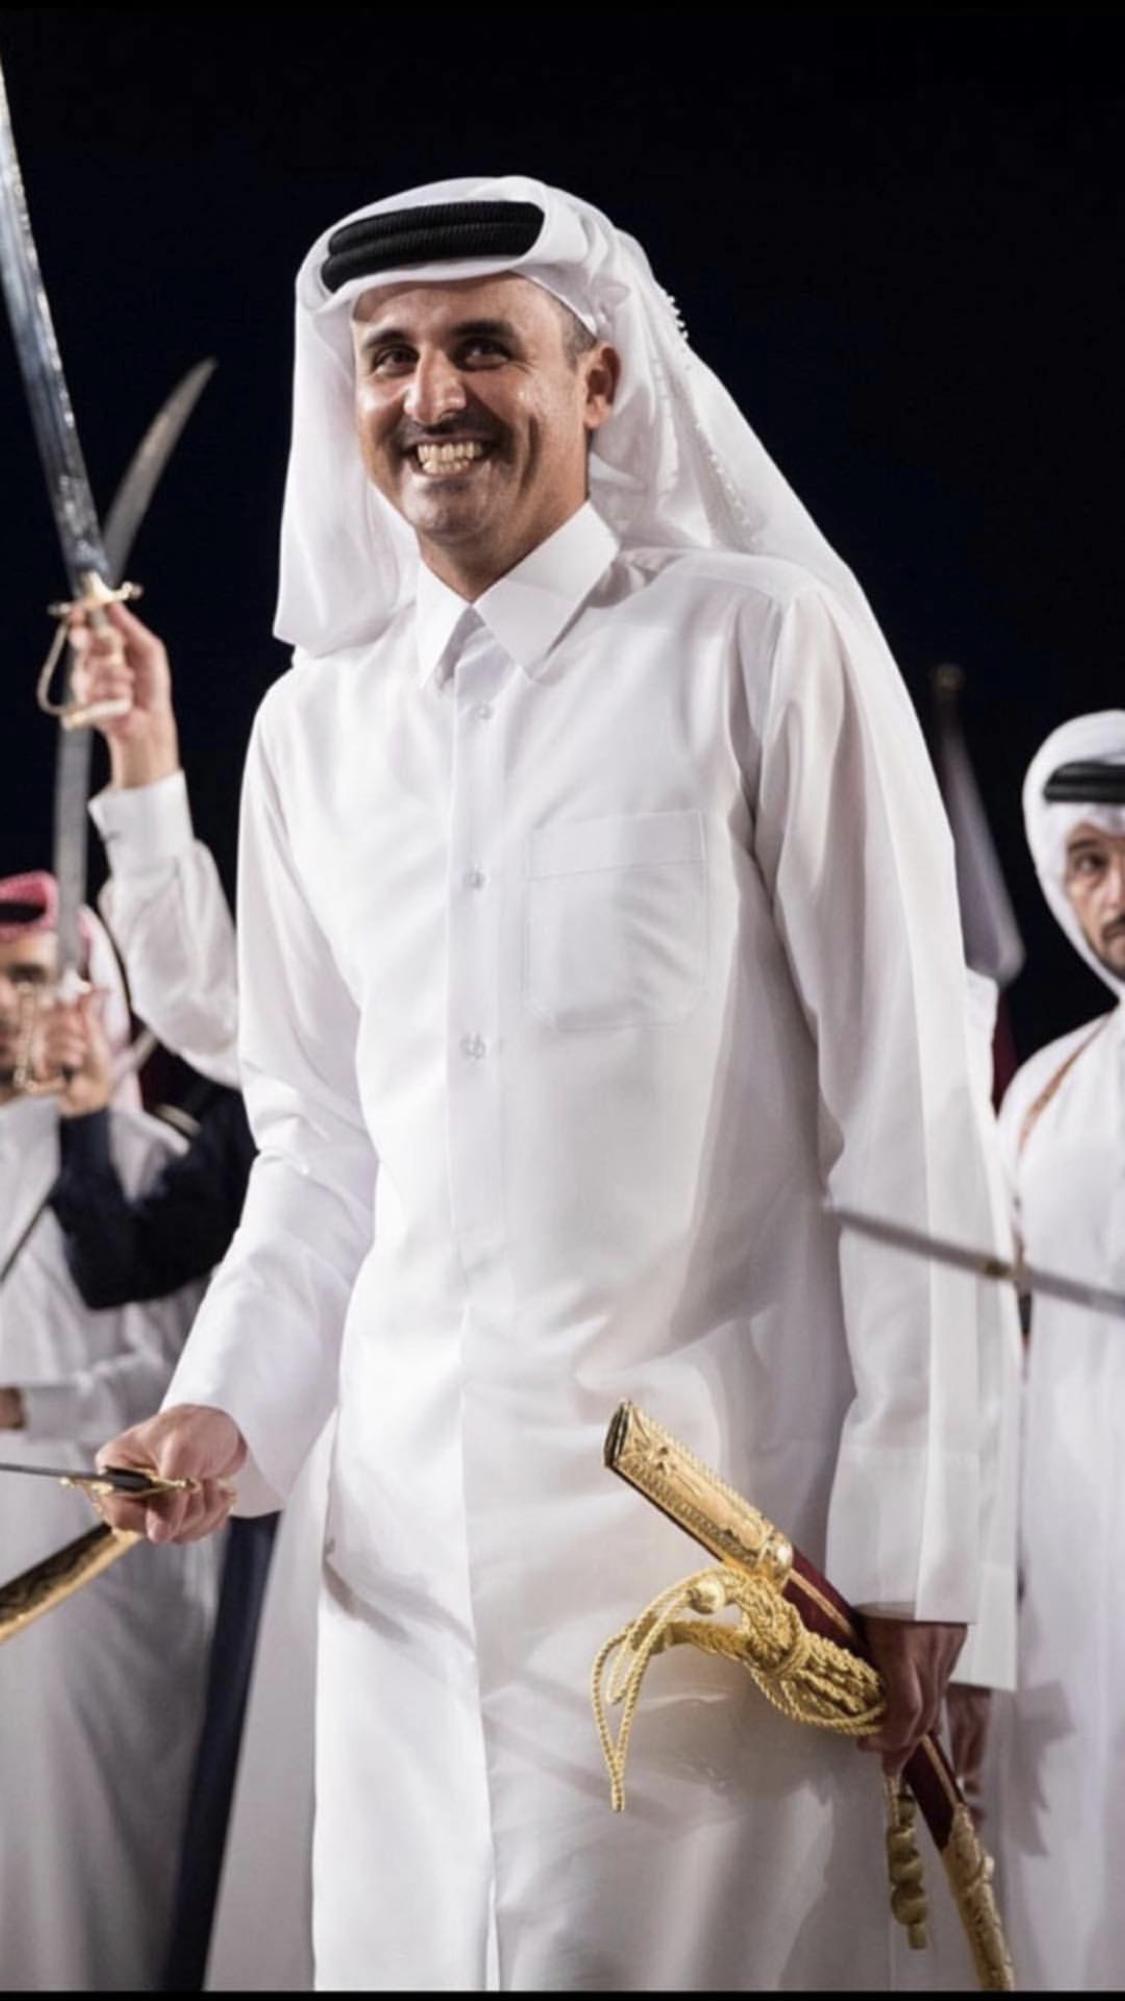 الامير الشيخ تميم بن حمد بن خليفه آل ثاني حفظه الله Qatar قطر Chef Jackets Fashion Love Quotes